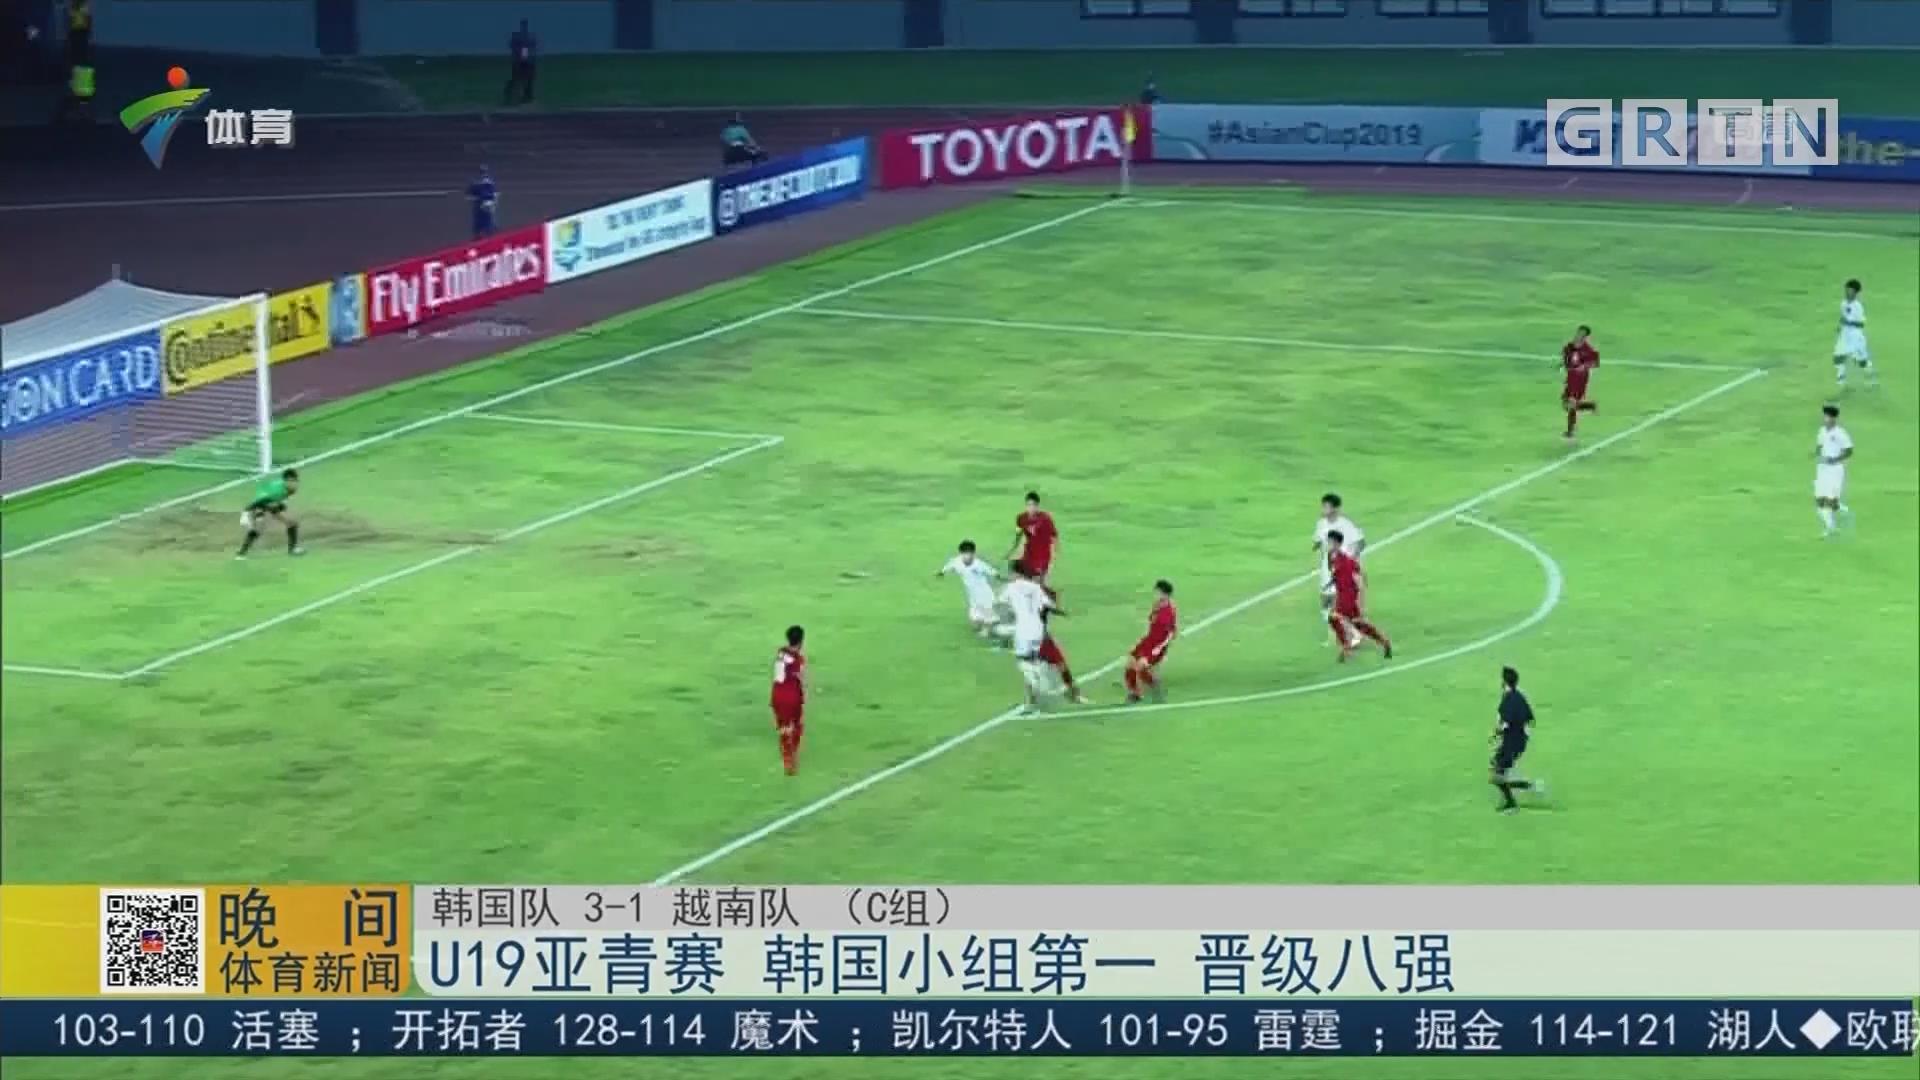 U19亚青赛 韩国小组第一 晋级八强